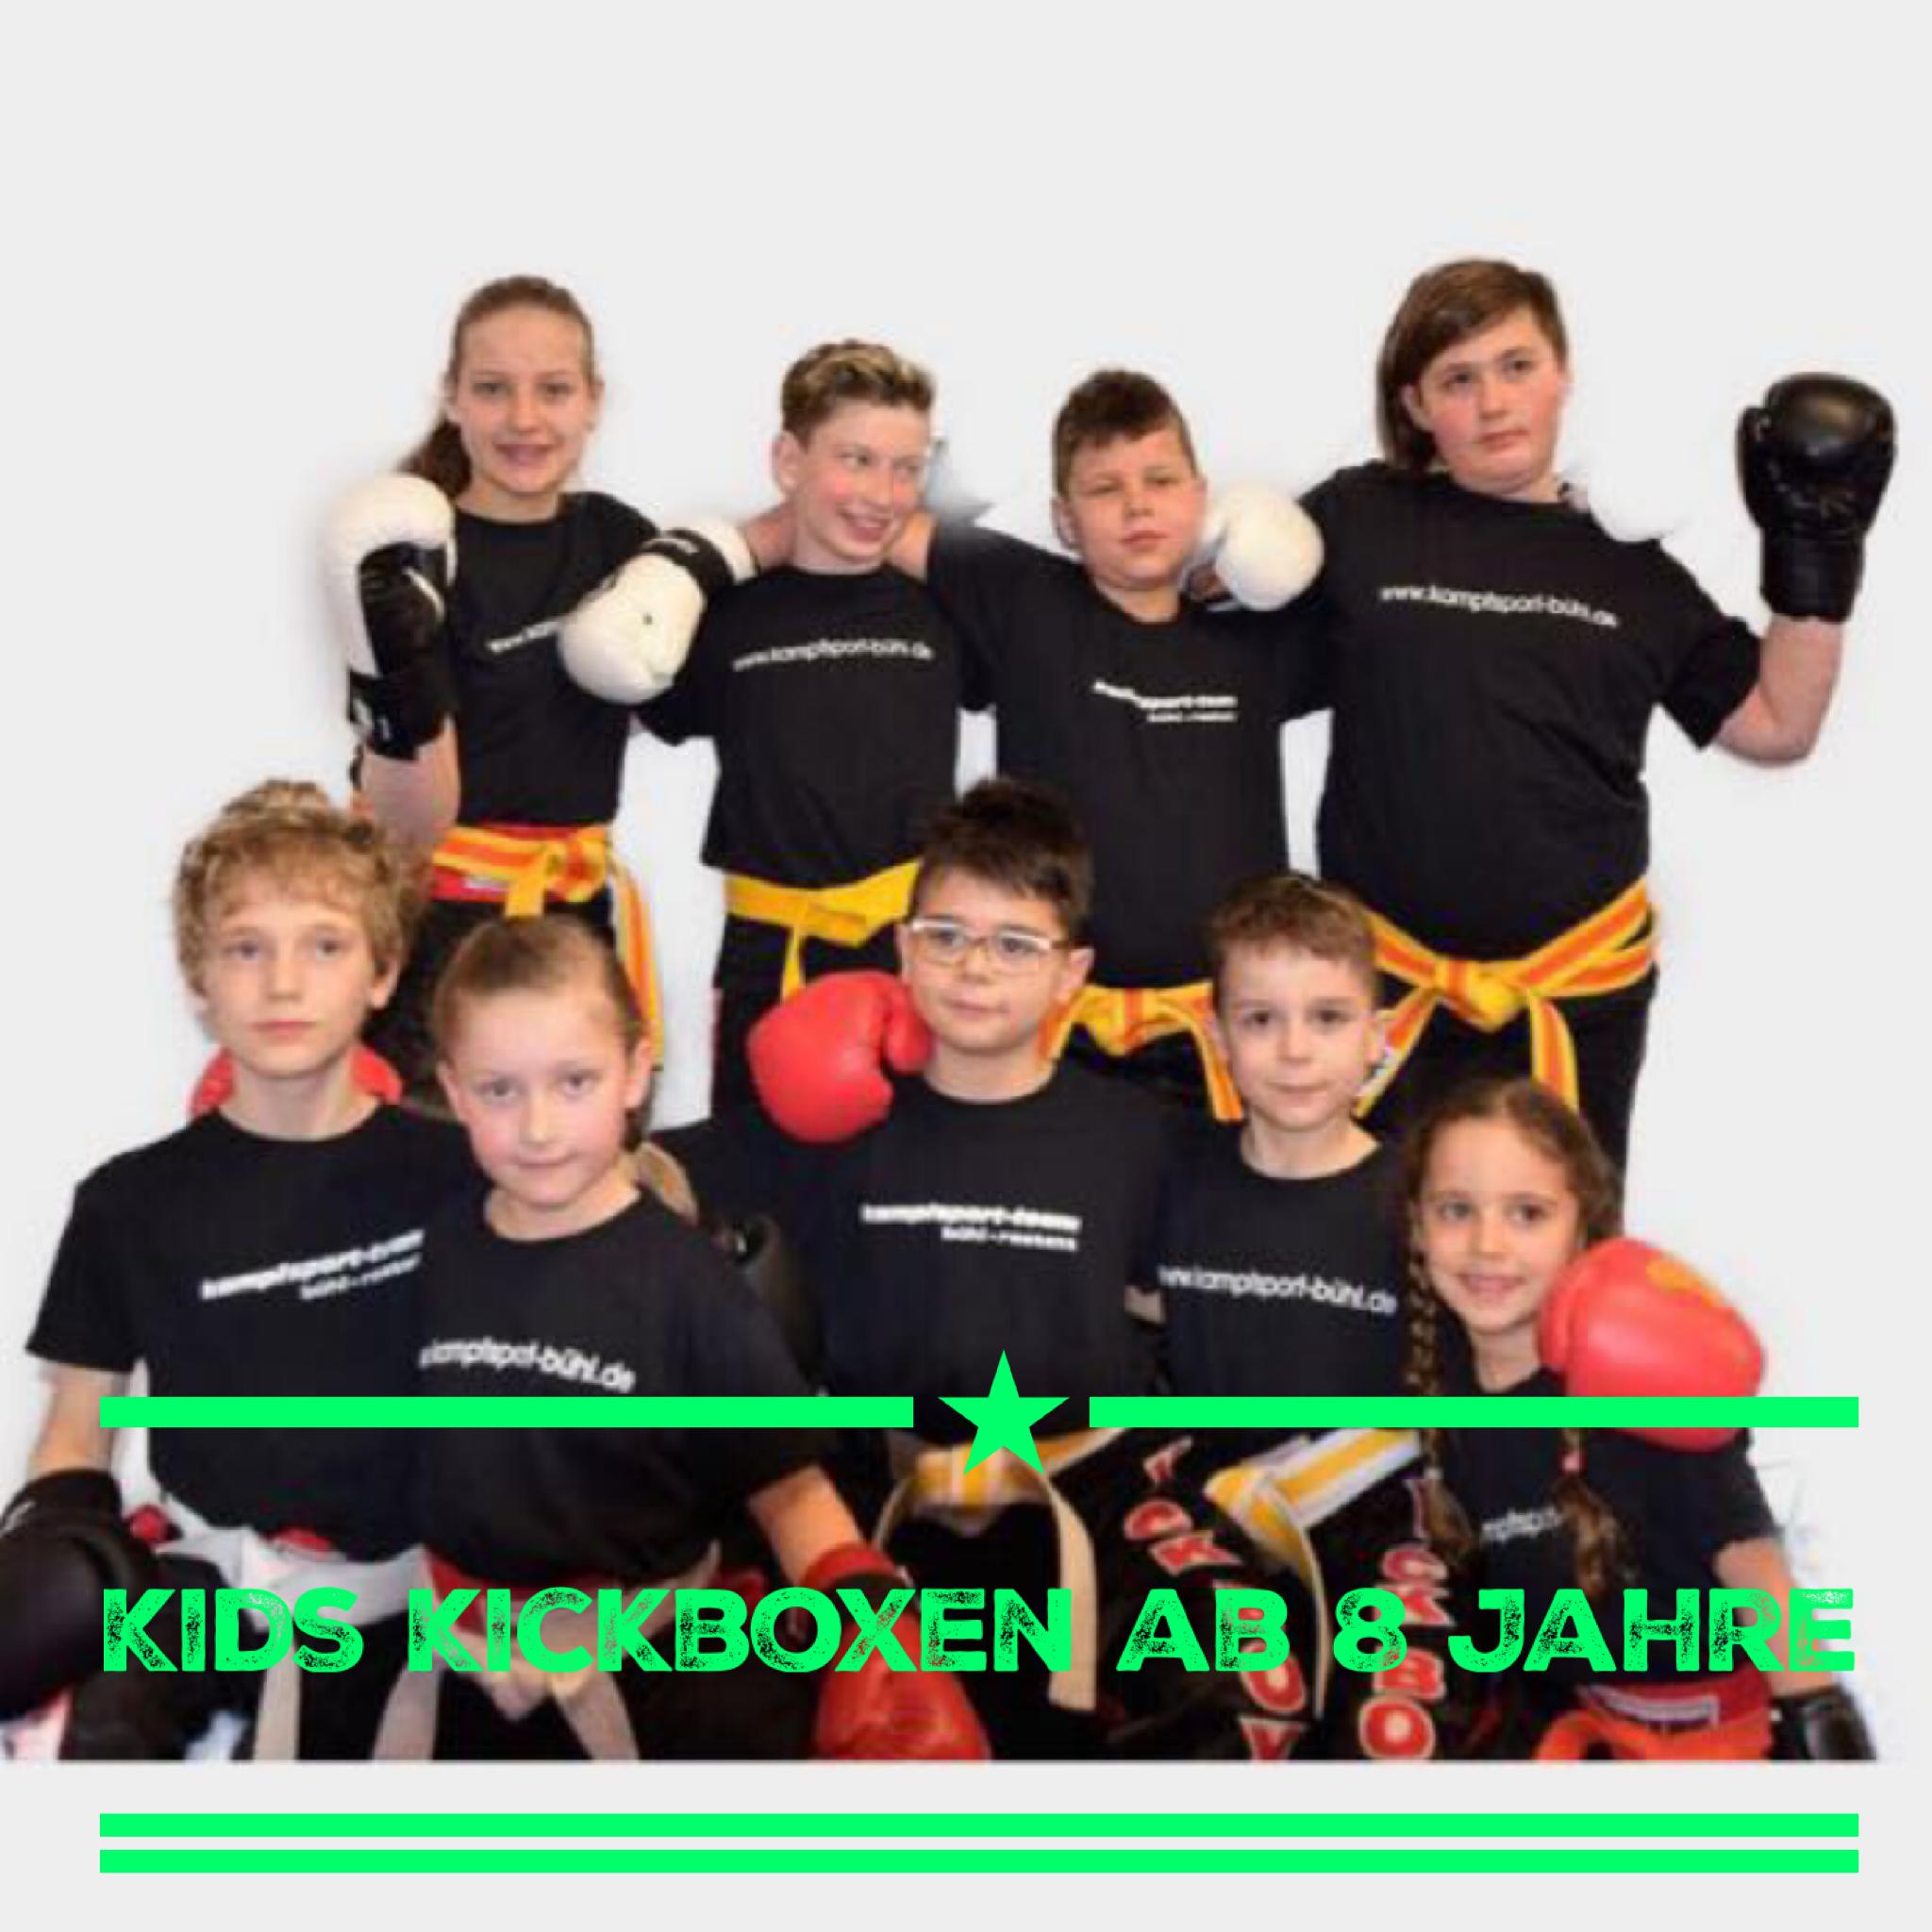 Kickboxen für Kids